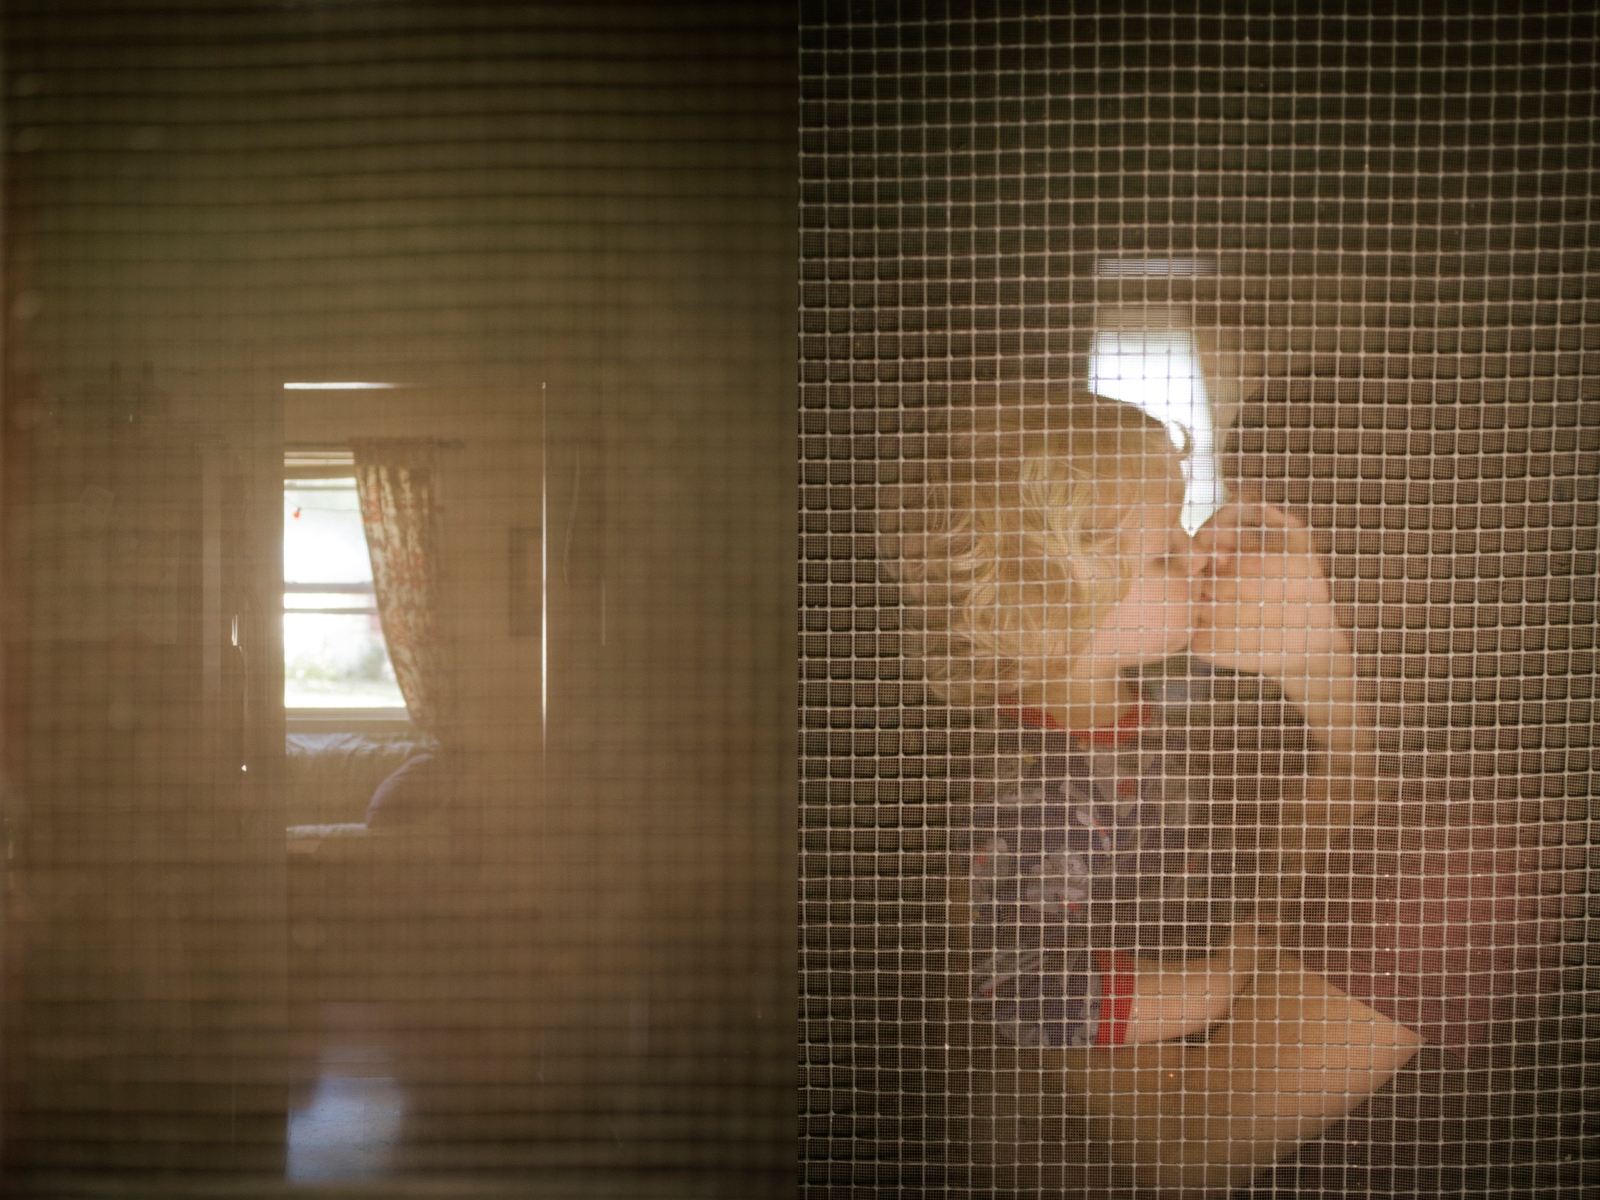 screen-door-kiss.jpg